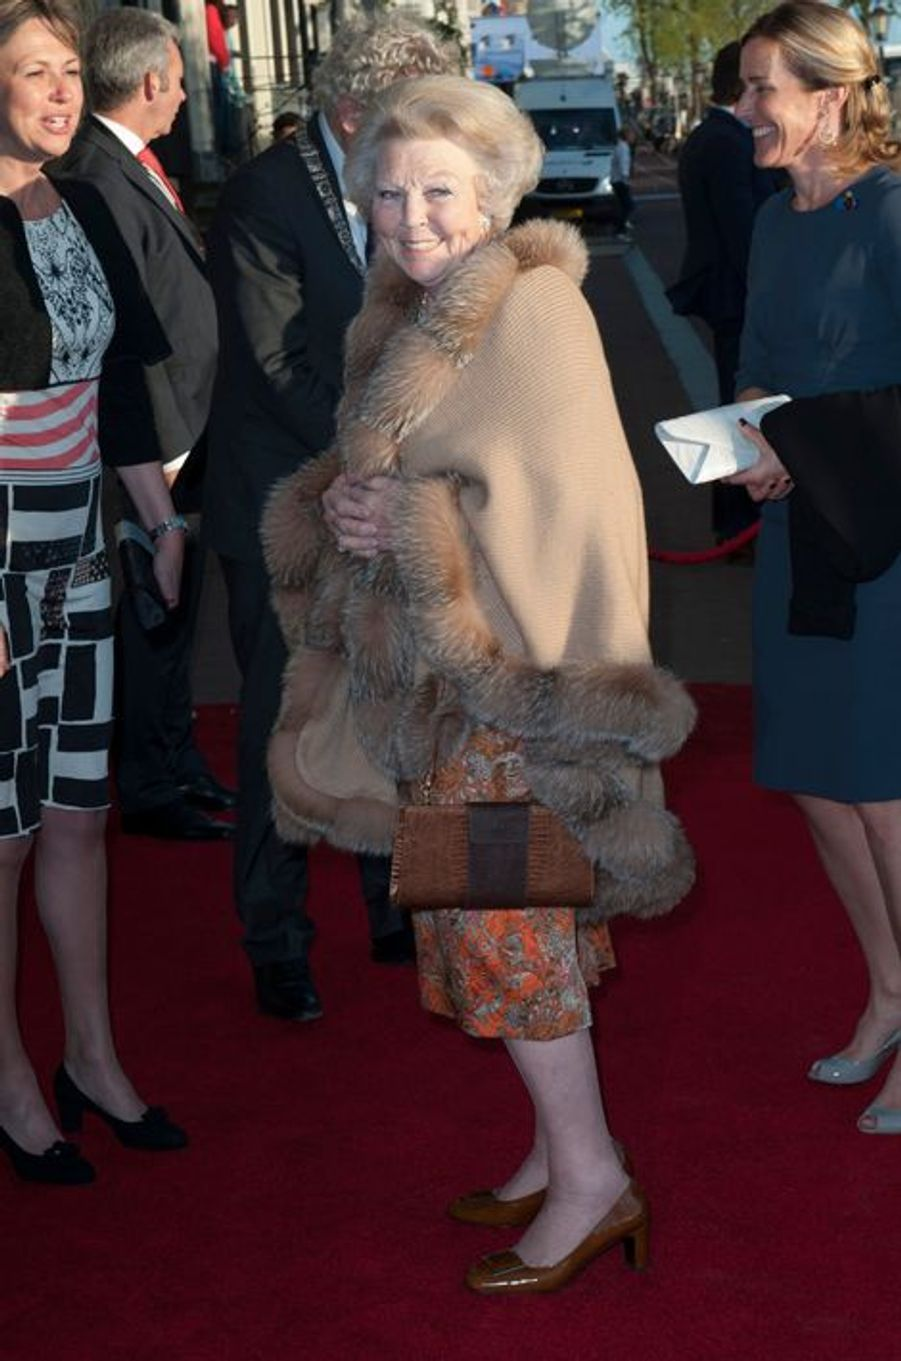 La princesse Beatrix des Pays-Bas à Amsterdam, le 5 mai 2015